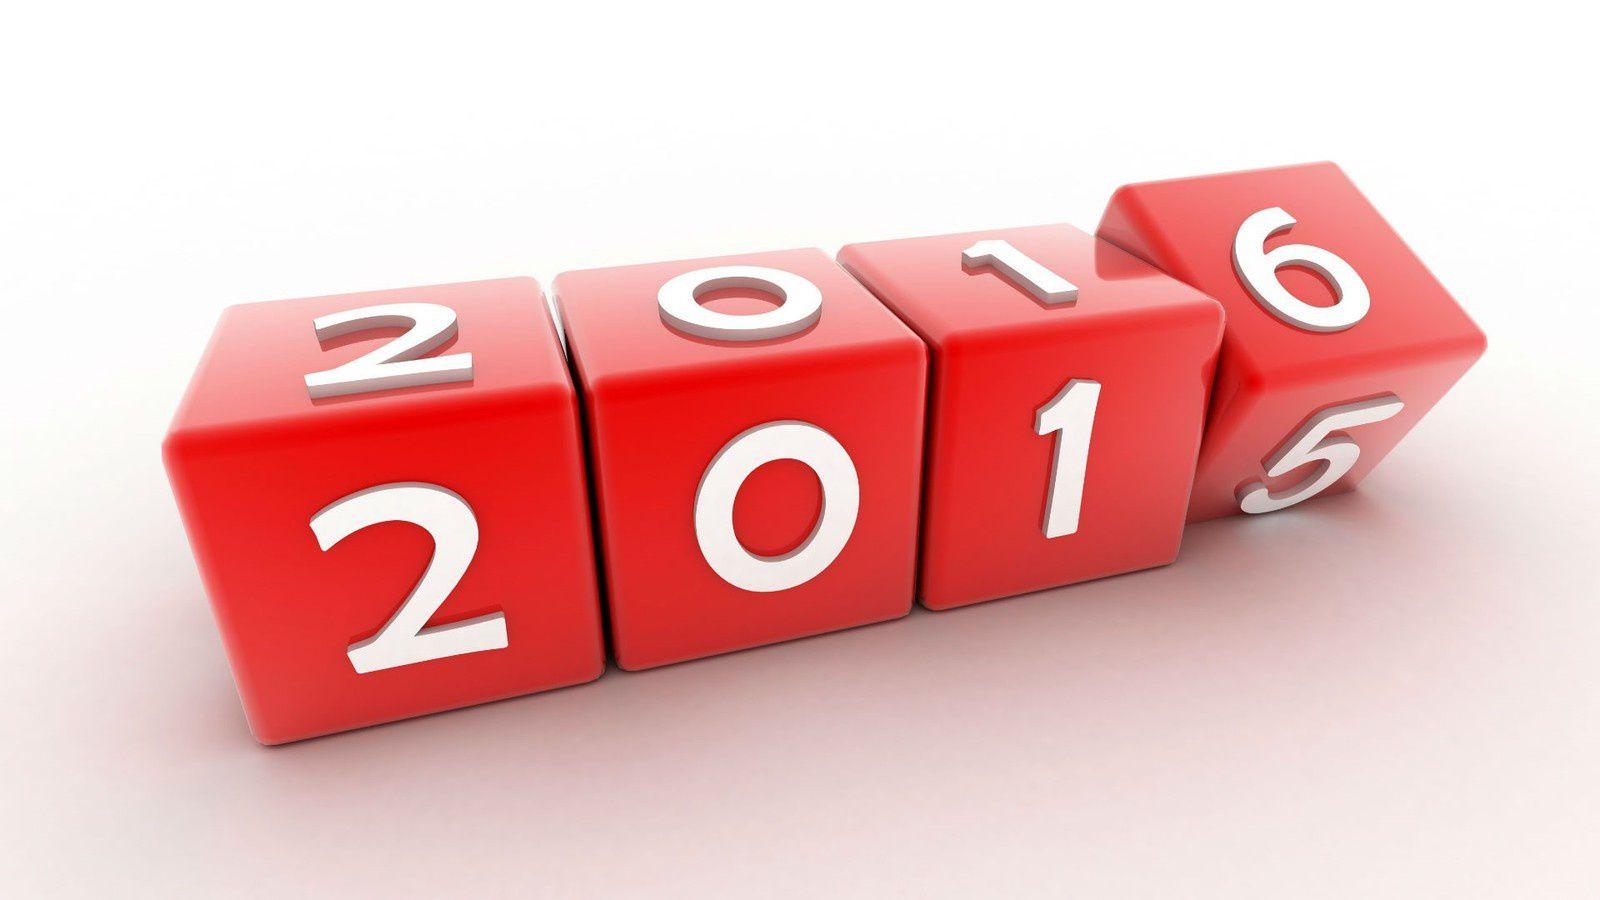 DSP COLOMBES / Q-PARK : Nous vous souhaitons très bonne et joyeuse année 2016 ainsi qu'à ceux qui vous sont chers.